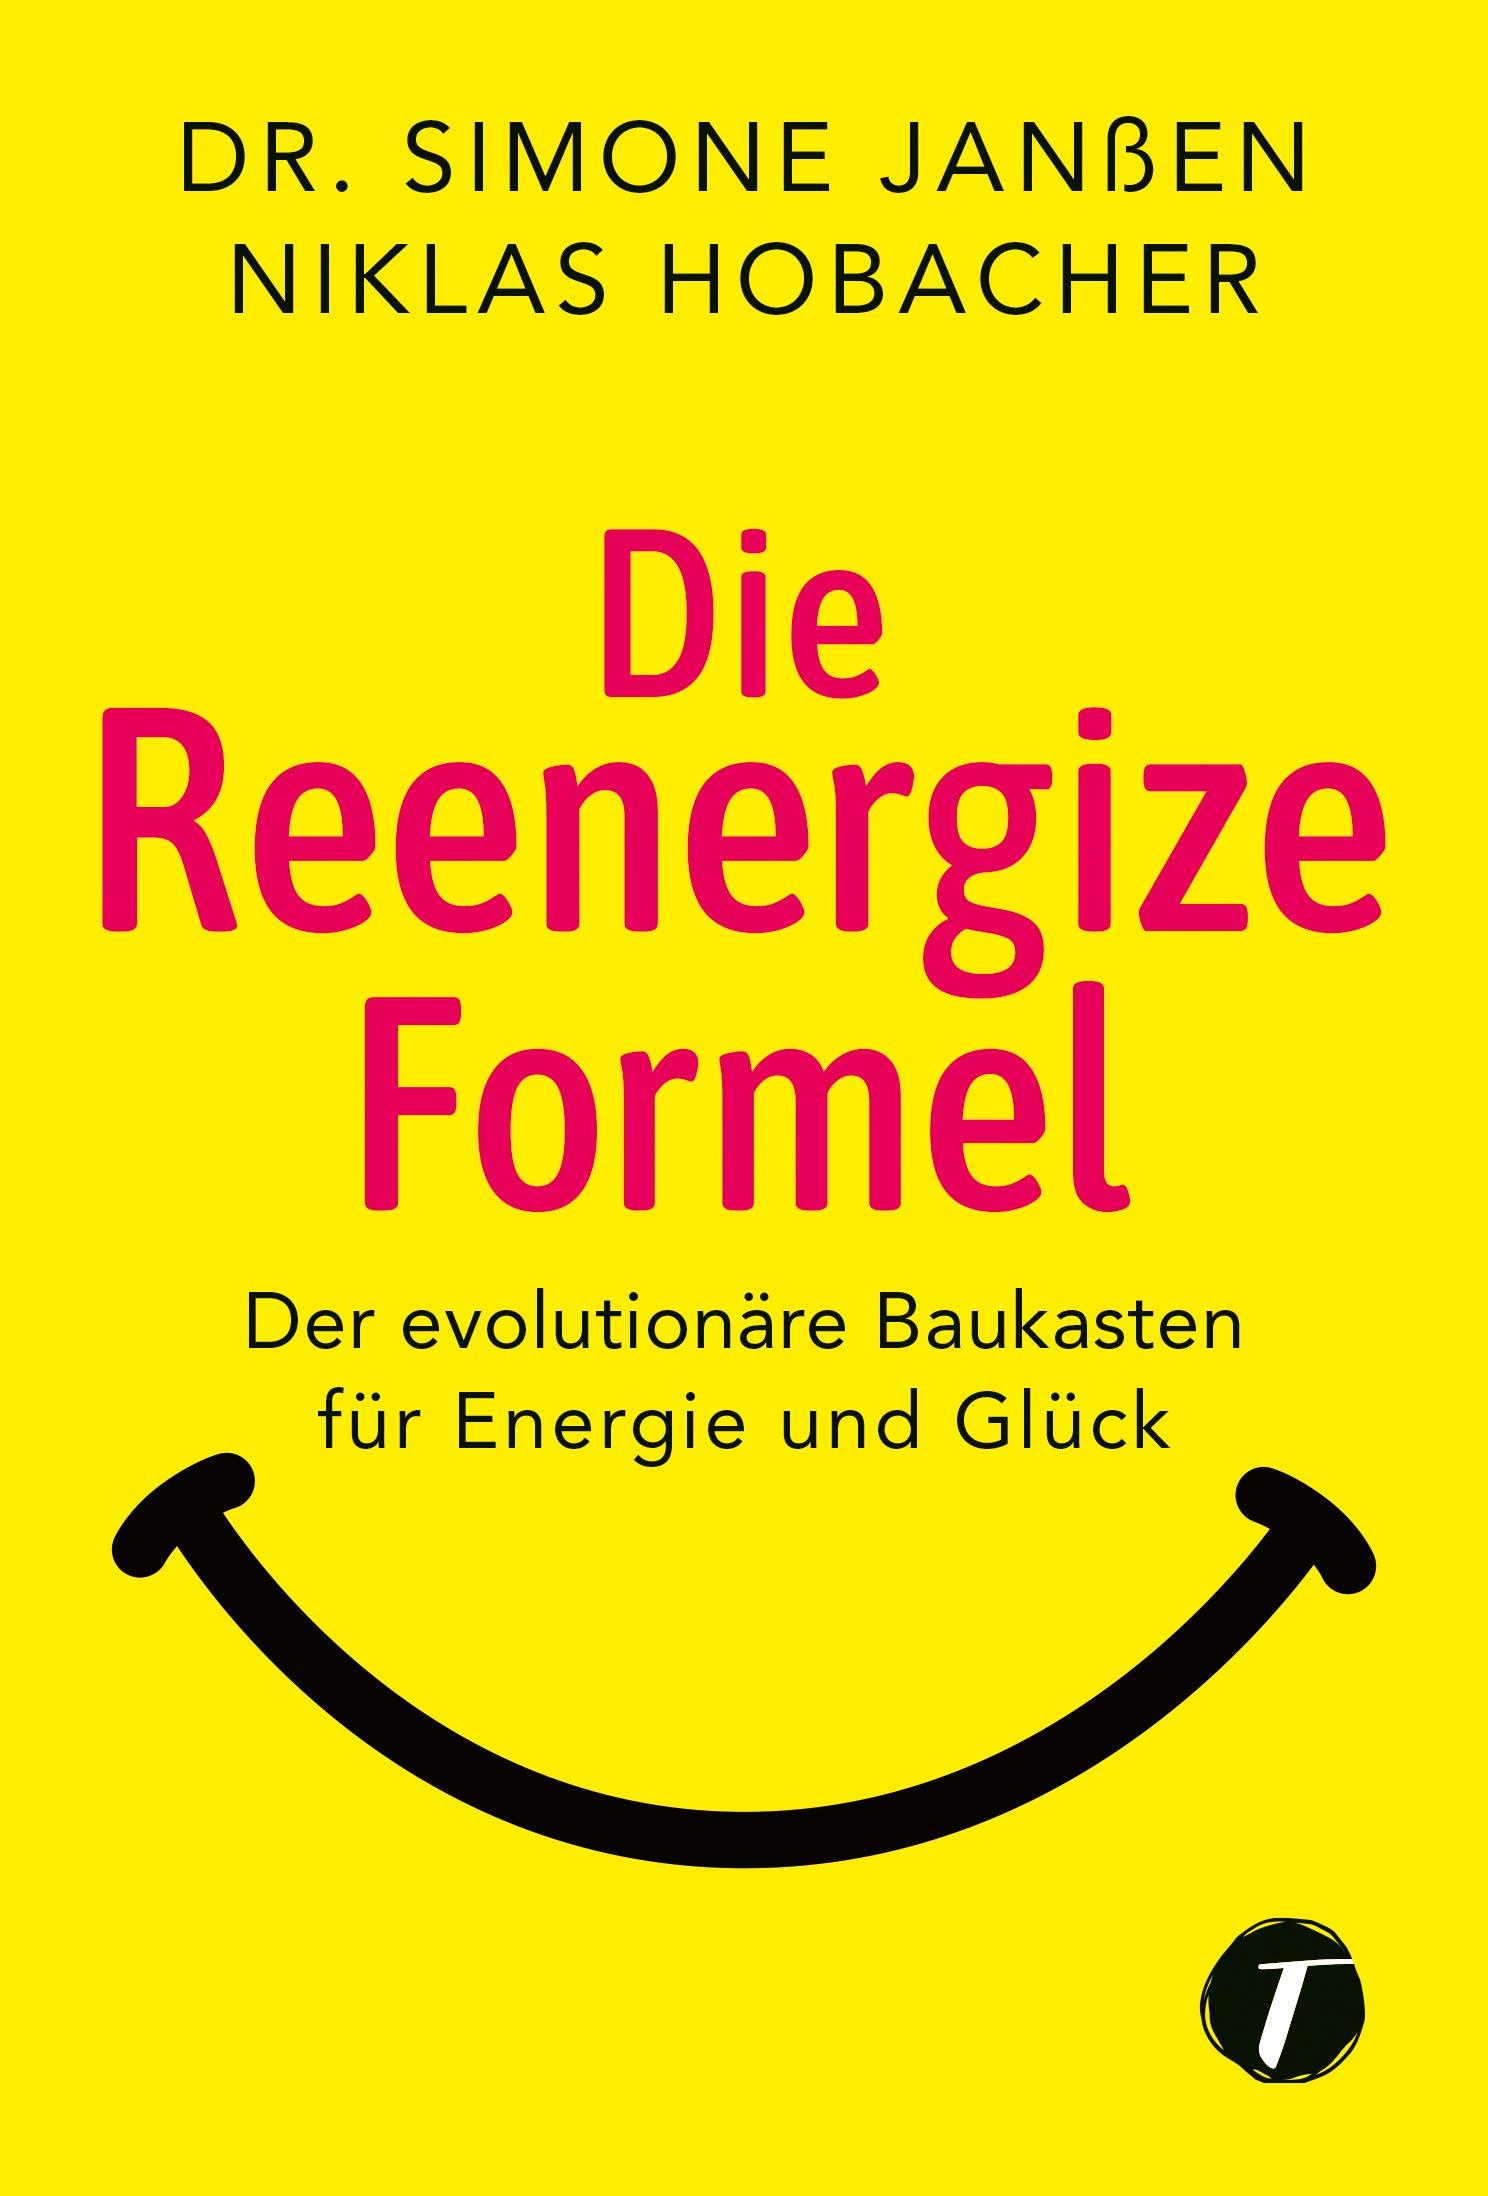 Bildergebnis für die reenergize formel buch